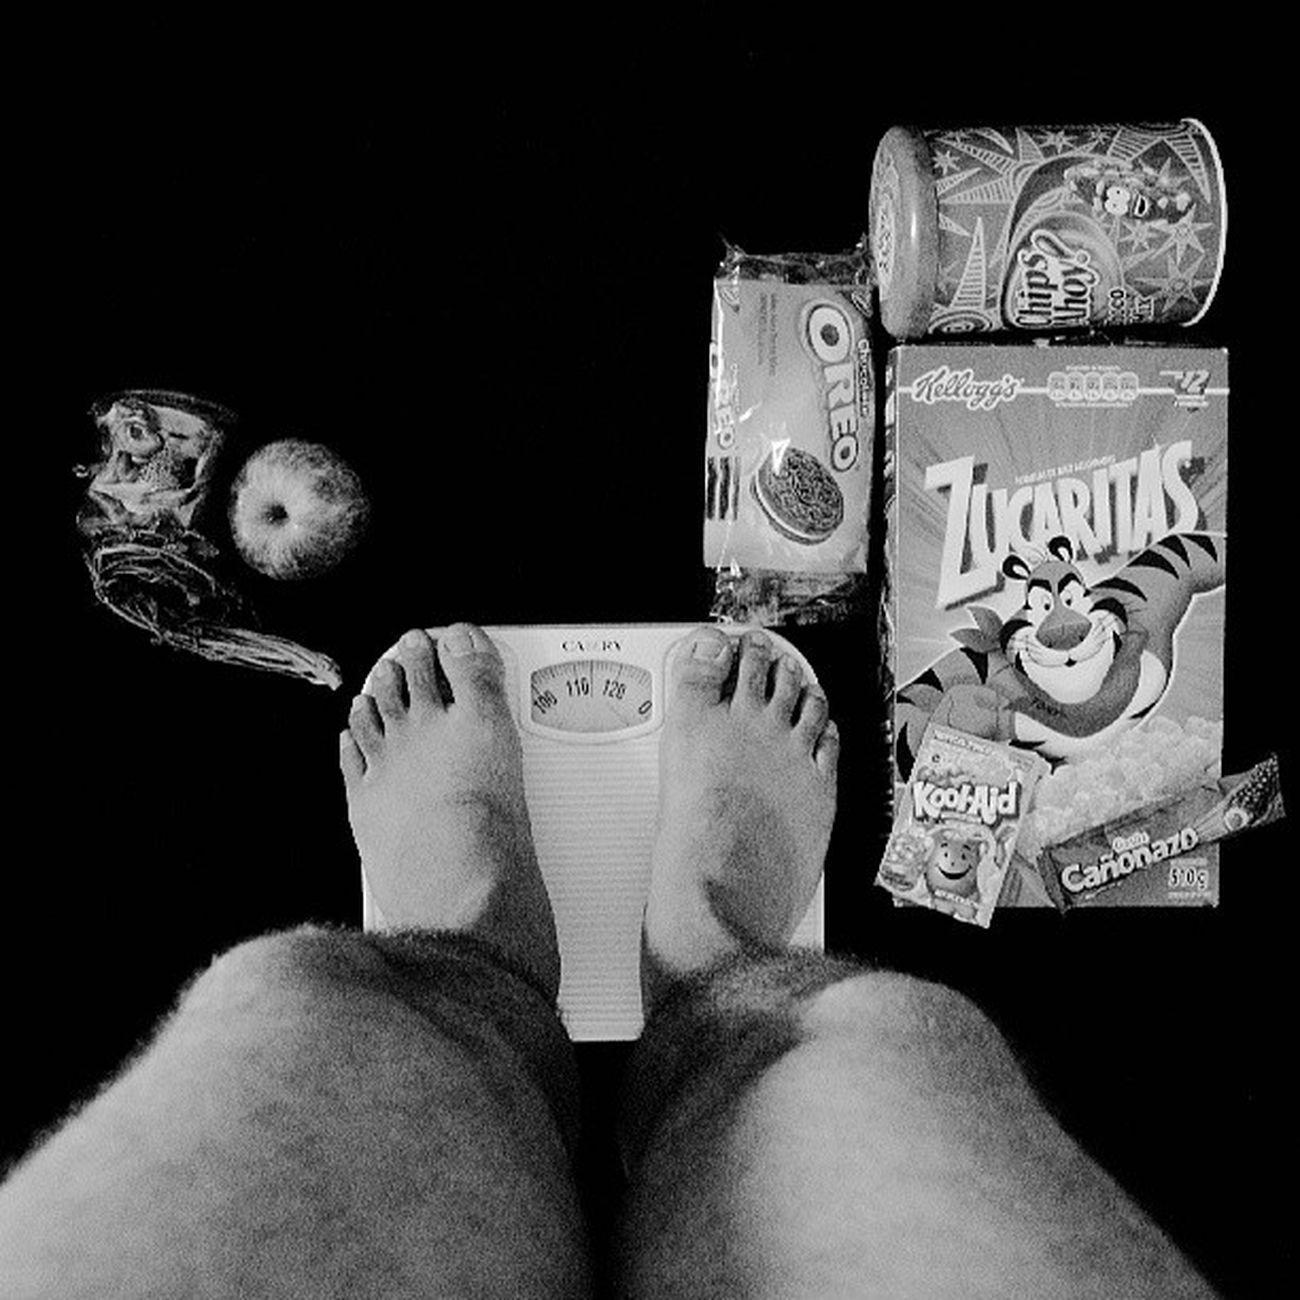 Lucha contra el sobrepeso Fat Diet Dieta Problem Cool Blakandwhite Contrast Contraste Sobrepeso Change Cambio Fotoarte IgersVenezuela Salud Venezuelaes Nofilter Sinfiltro